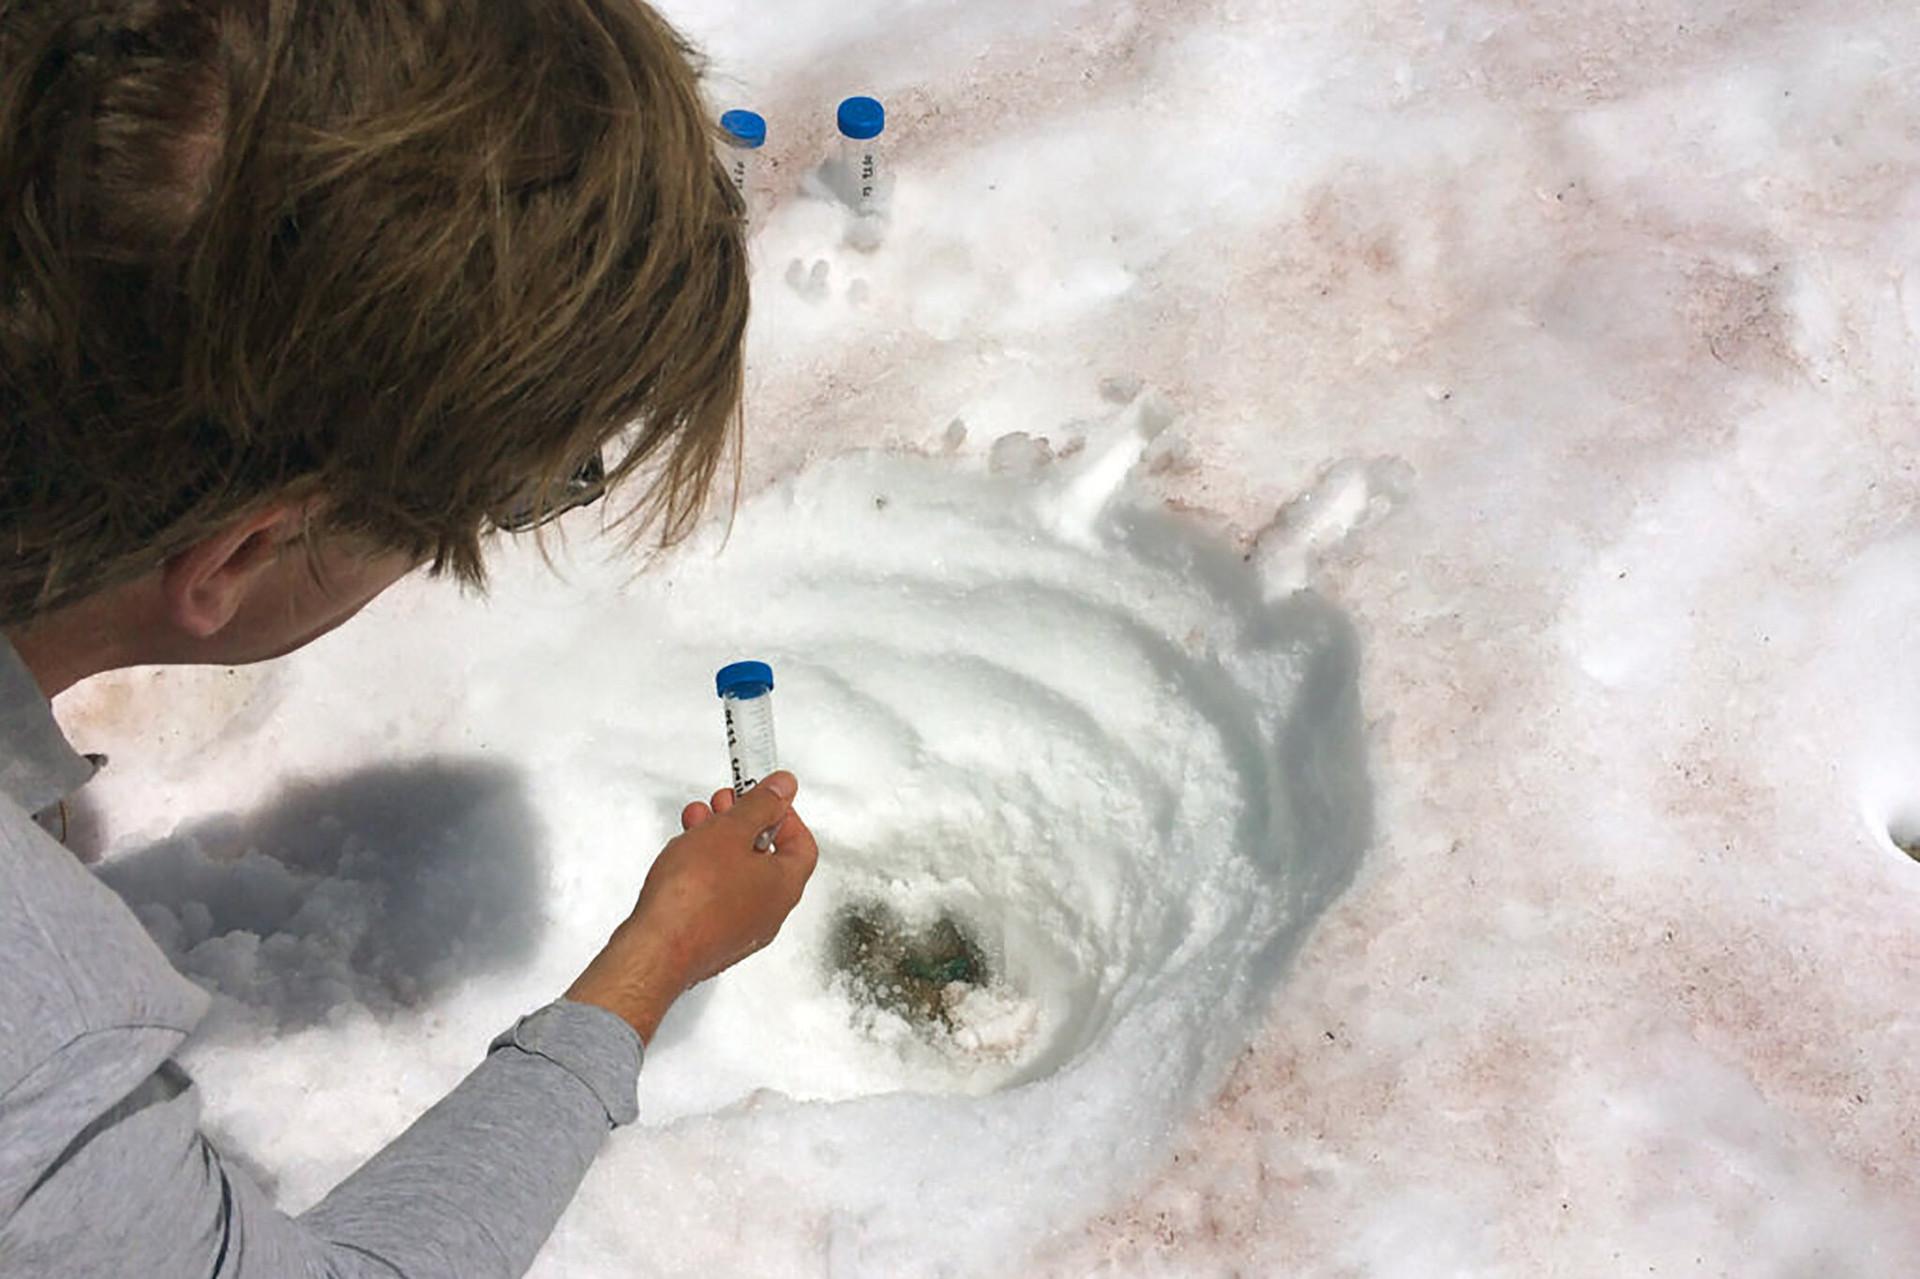 Chảy máu sông băng - hiện tượng đáng báo động đằng sau việc xuất hiện tuyết đỏ trên dãy Alps-2